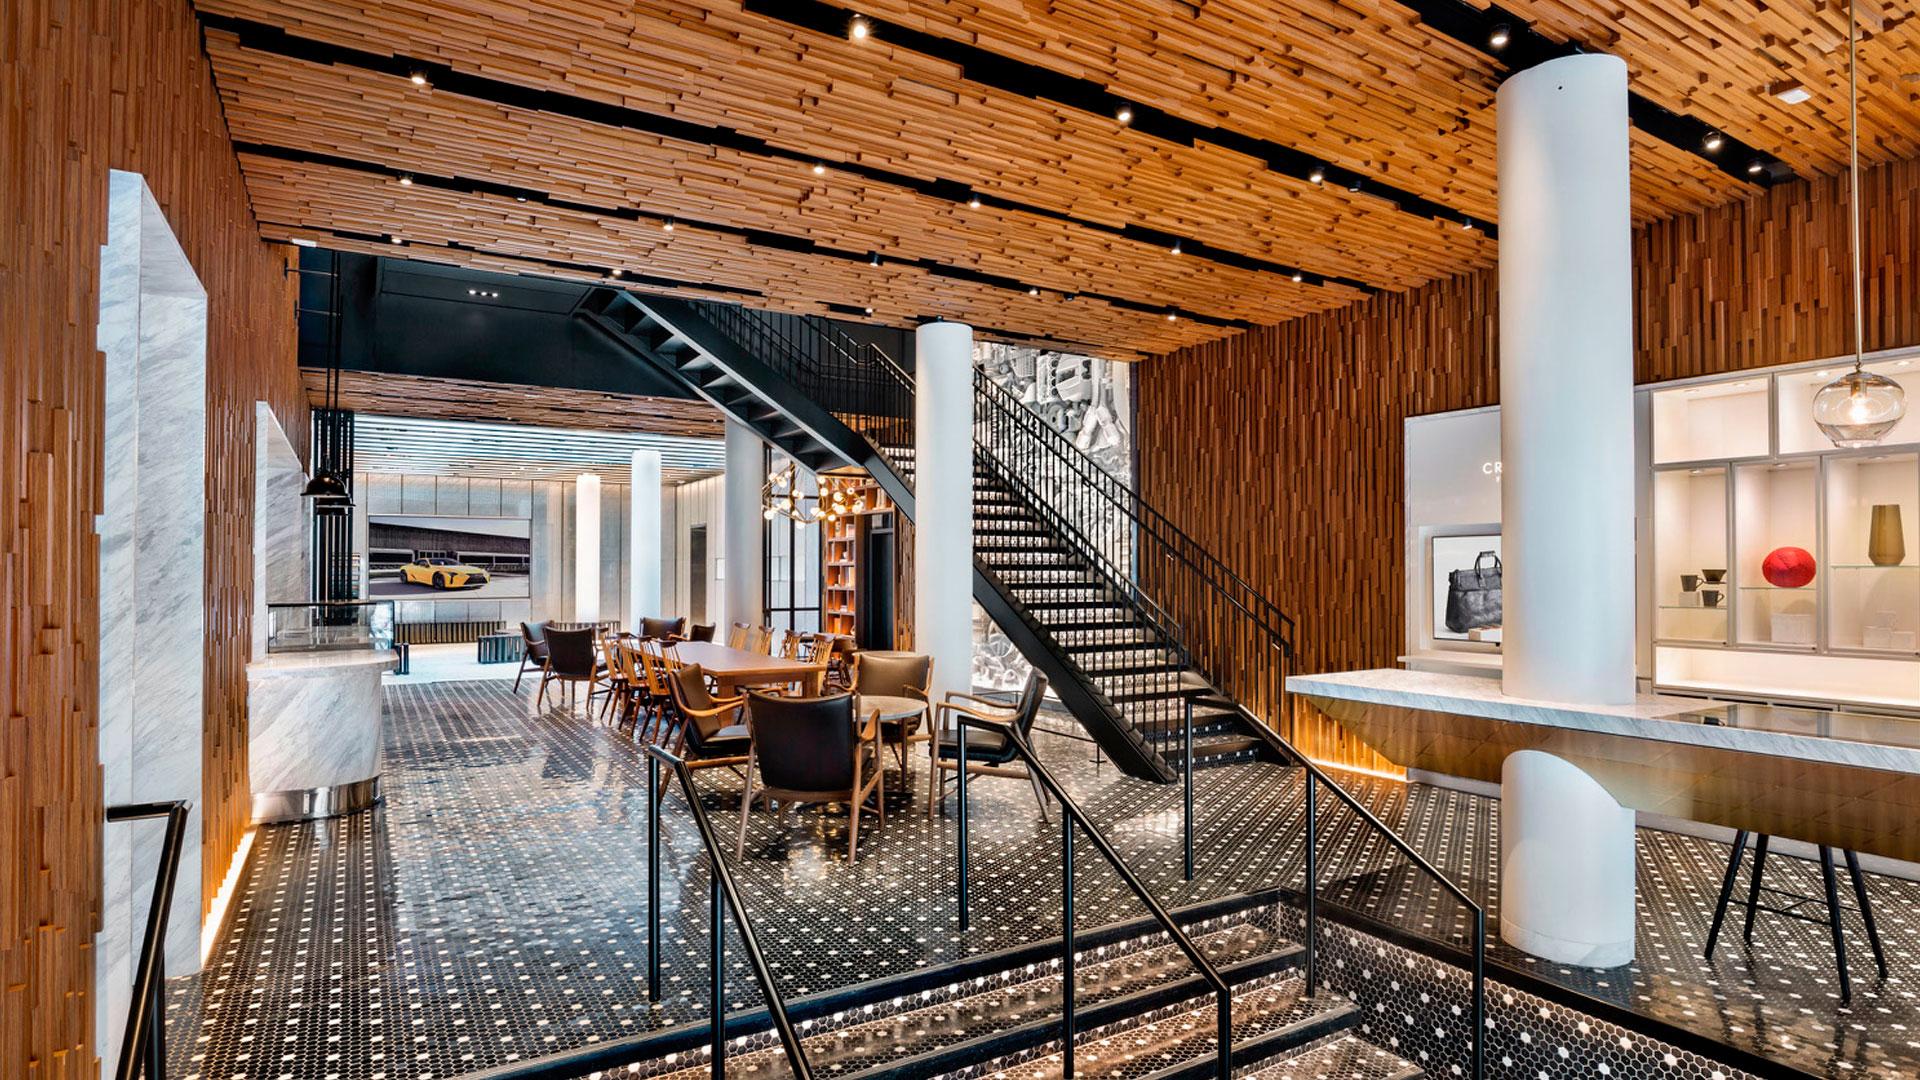 Imagen del nuevo espacio Intersect by Lexus en Nueva York